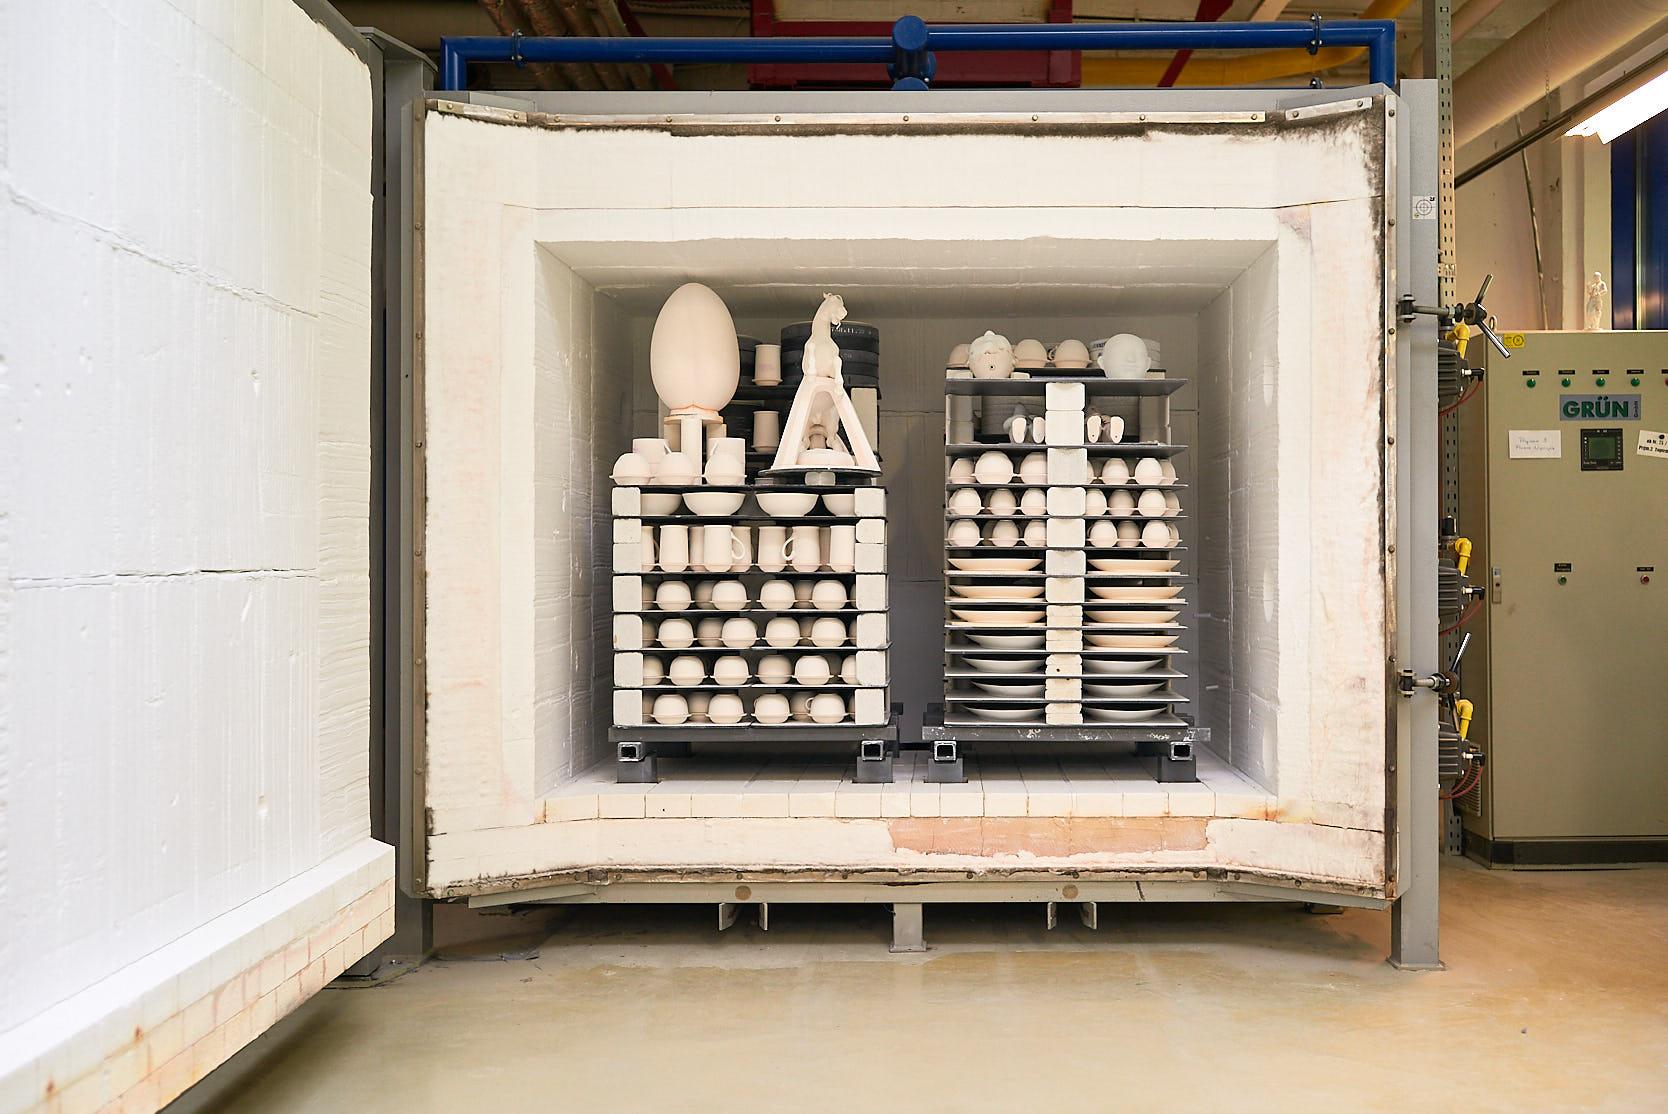 Brennhalle Wiener Porzellanmanufaktur Augarten: Brennofen